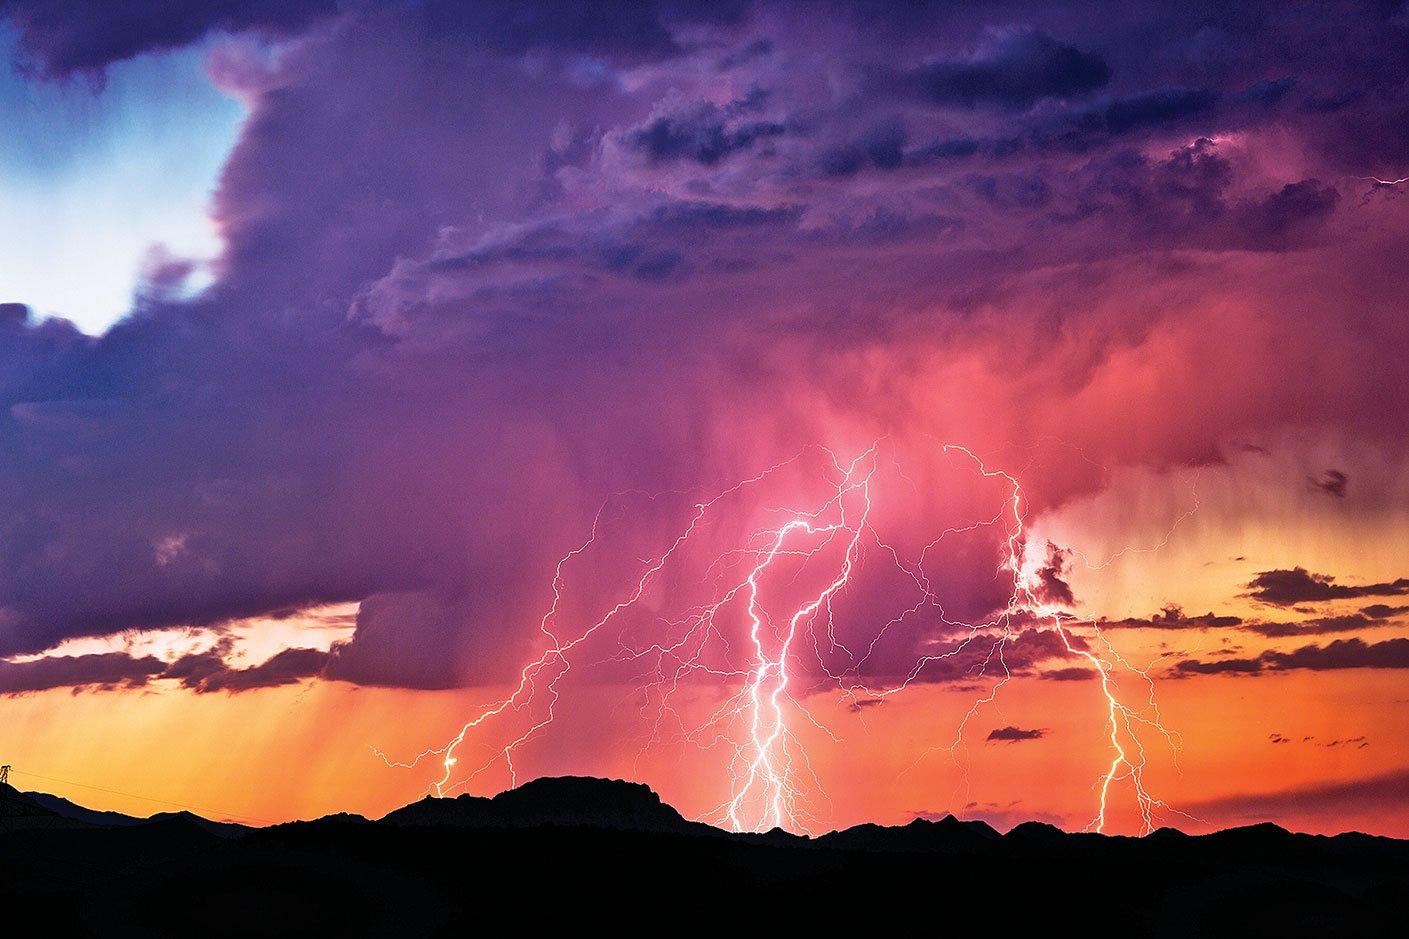 秦二世胡亥登基,一場腥風血雨的人間慘禍就此登場。 (shutterstock)圖/新唐人電視台